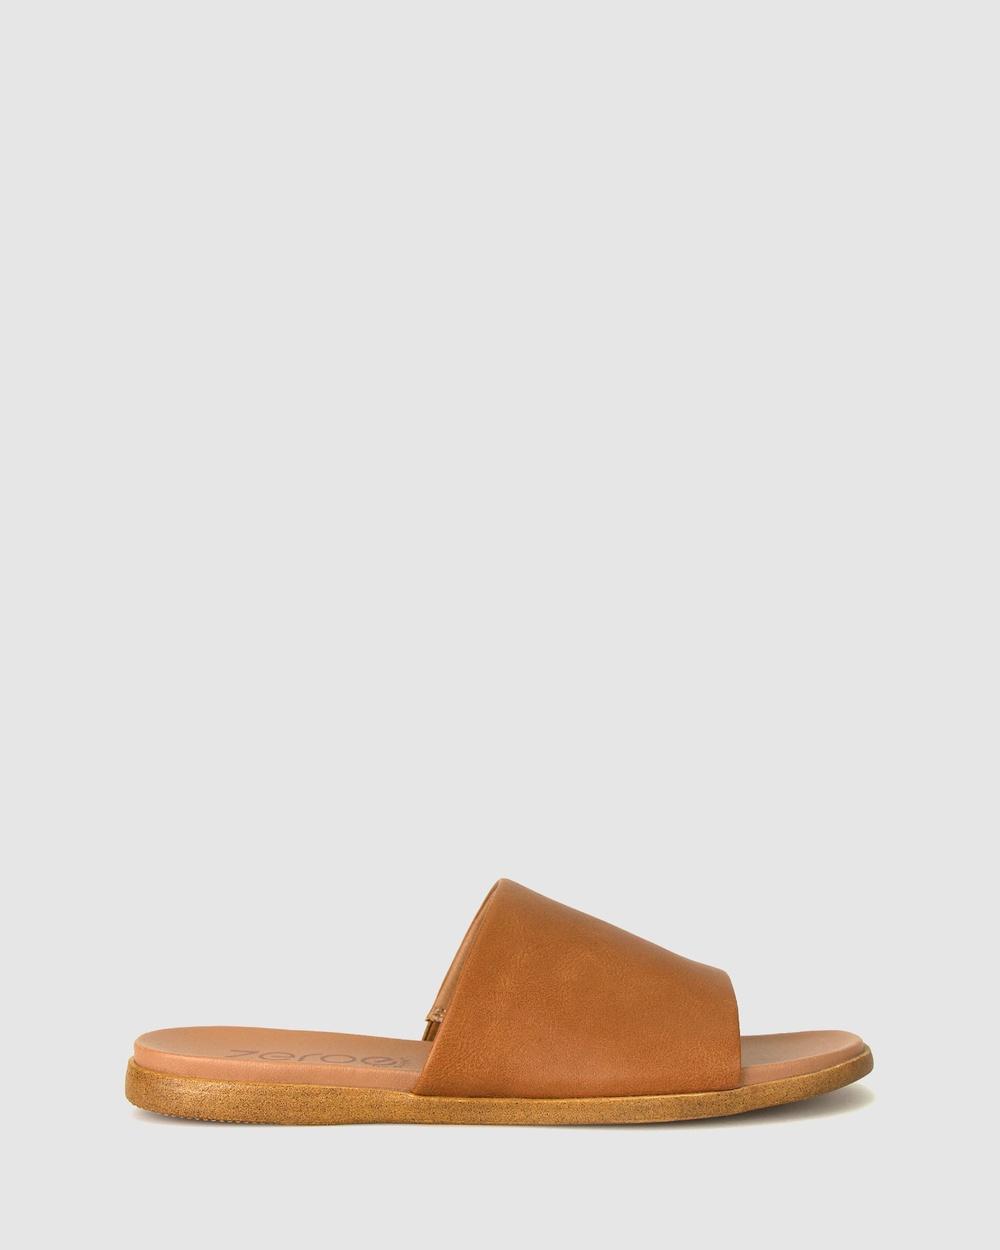 Zeroe Sofia Flat Mule Sandals Flats Tan